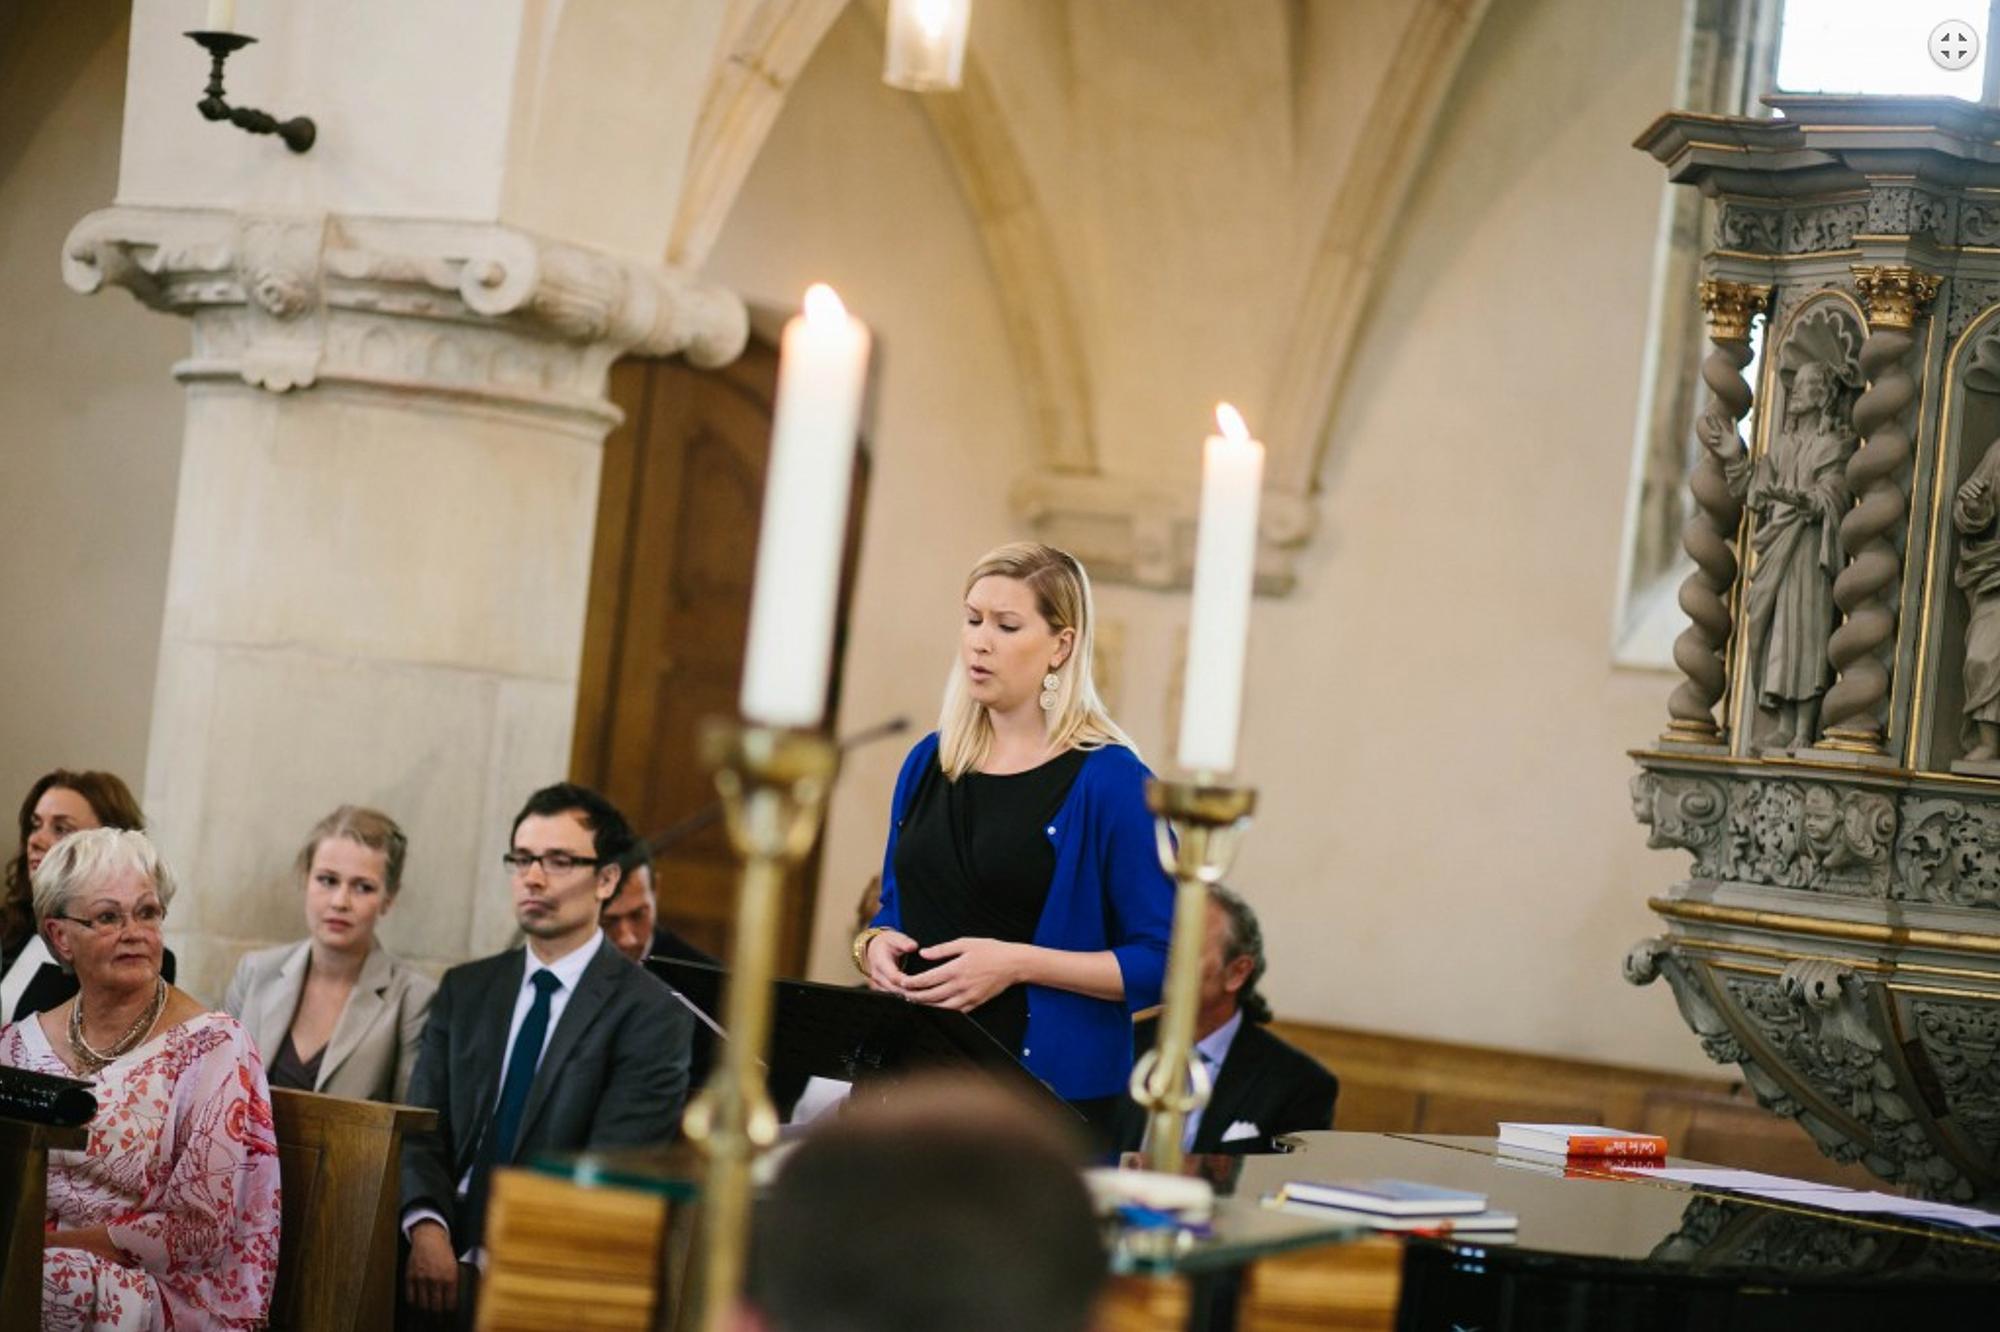 Hochzeit Lieder Fur Den Einzug Playlist By Carinokarten Spotify